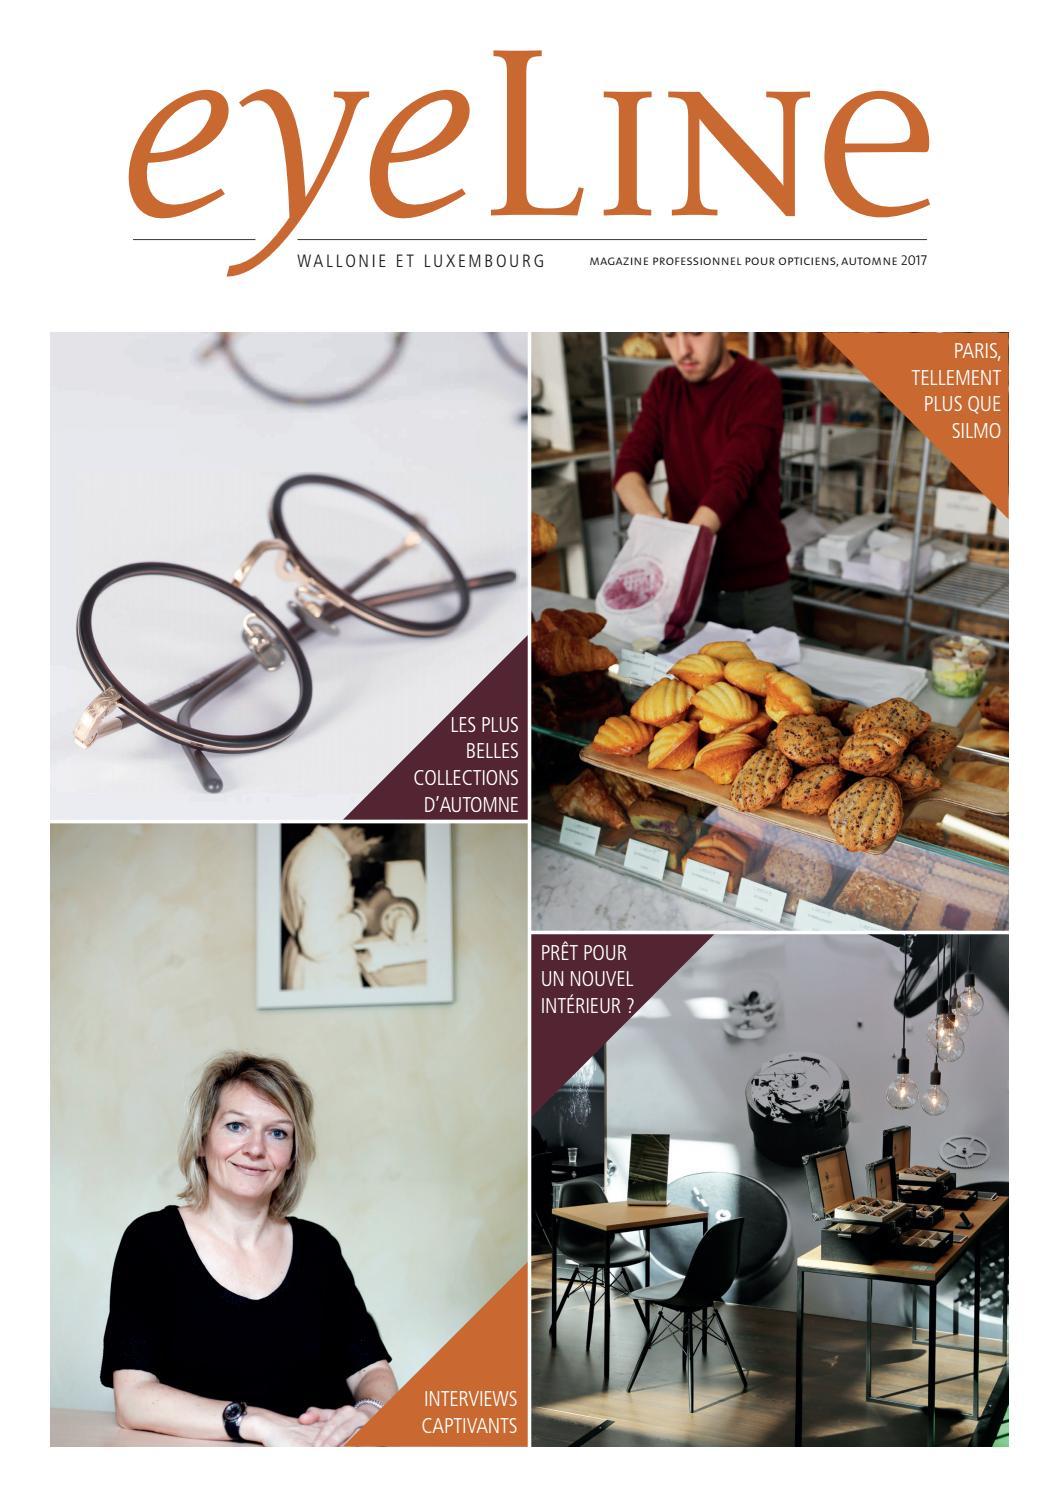 Eyeline Magazine Wallux  3 - 2017 by LT Media - issuu 6994e462a897